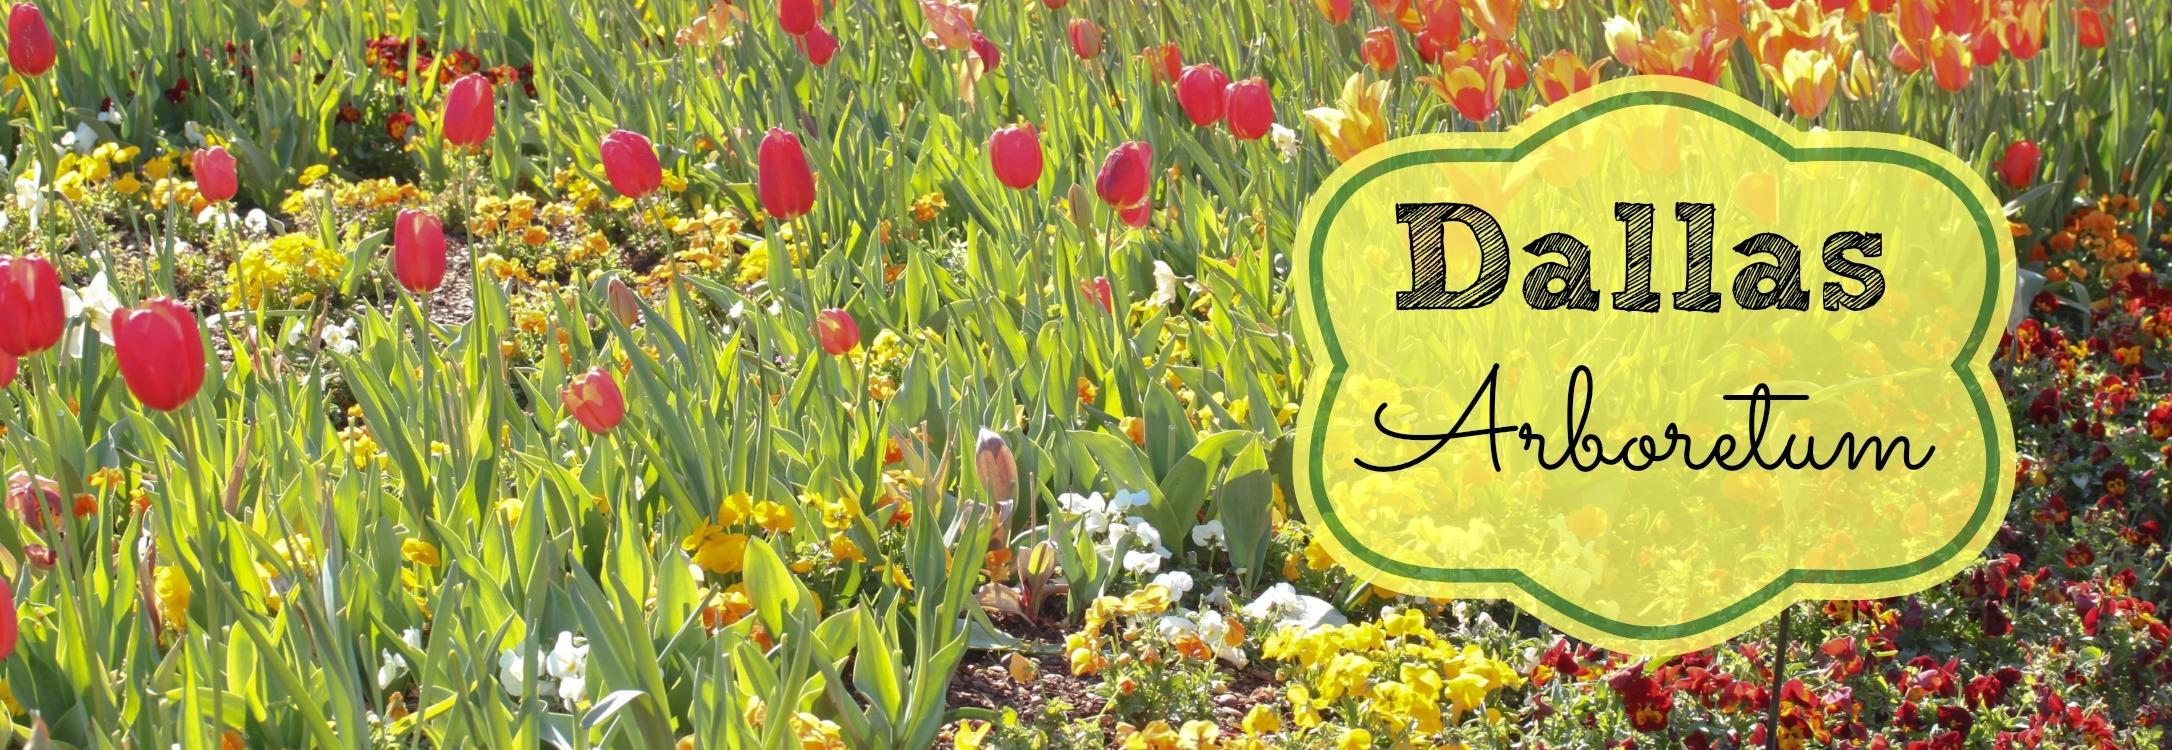 dallas-arboretum-tulips.jpg